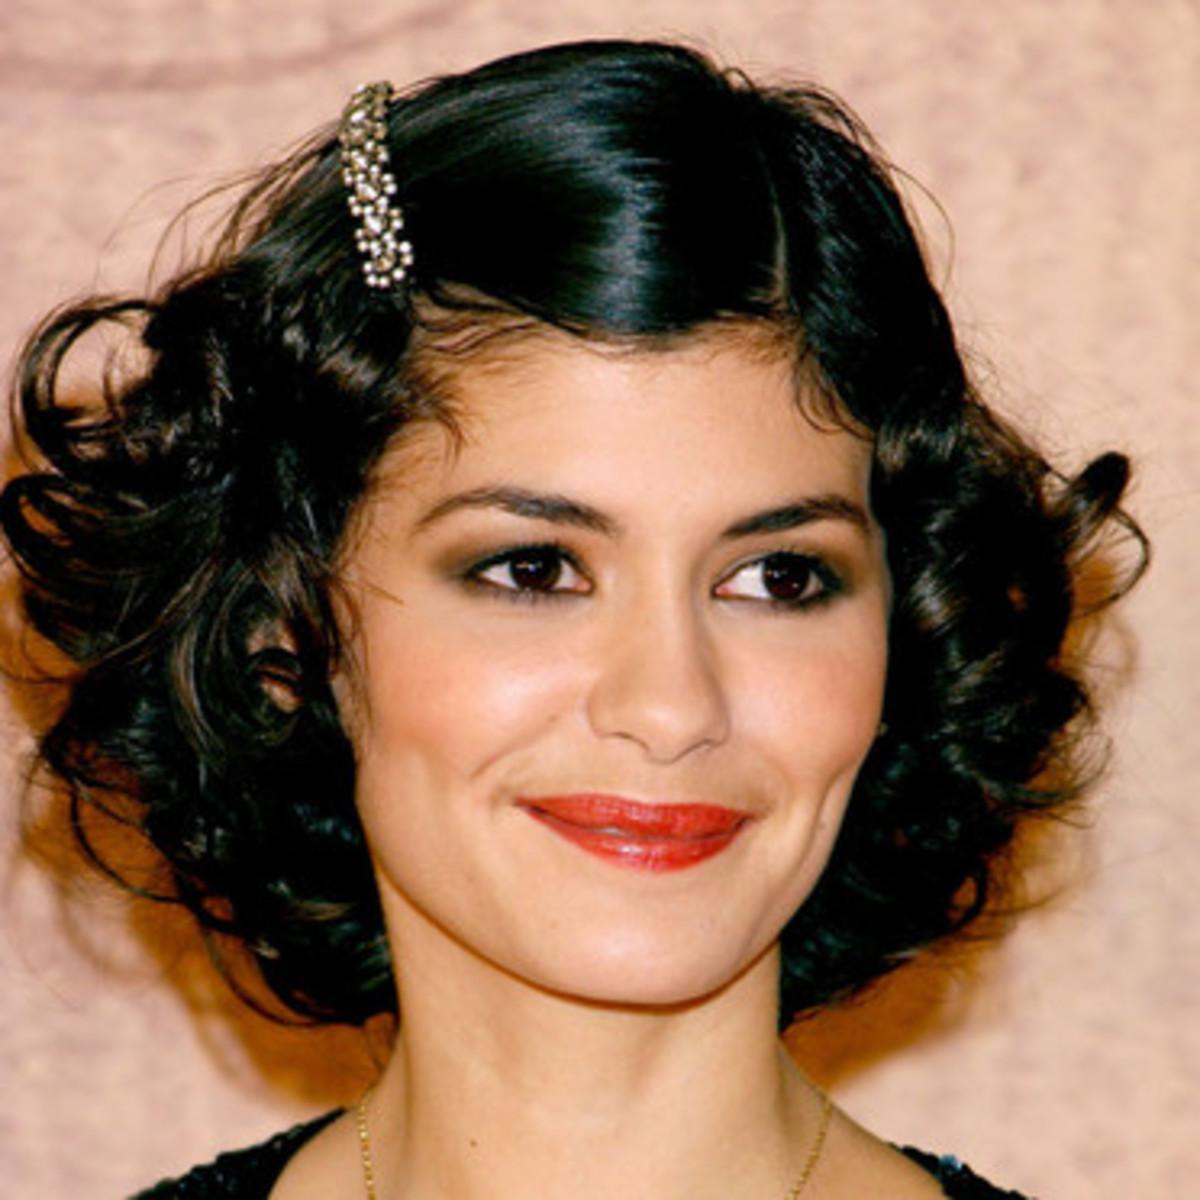 Actress Audrey Tatou with black hair.